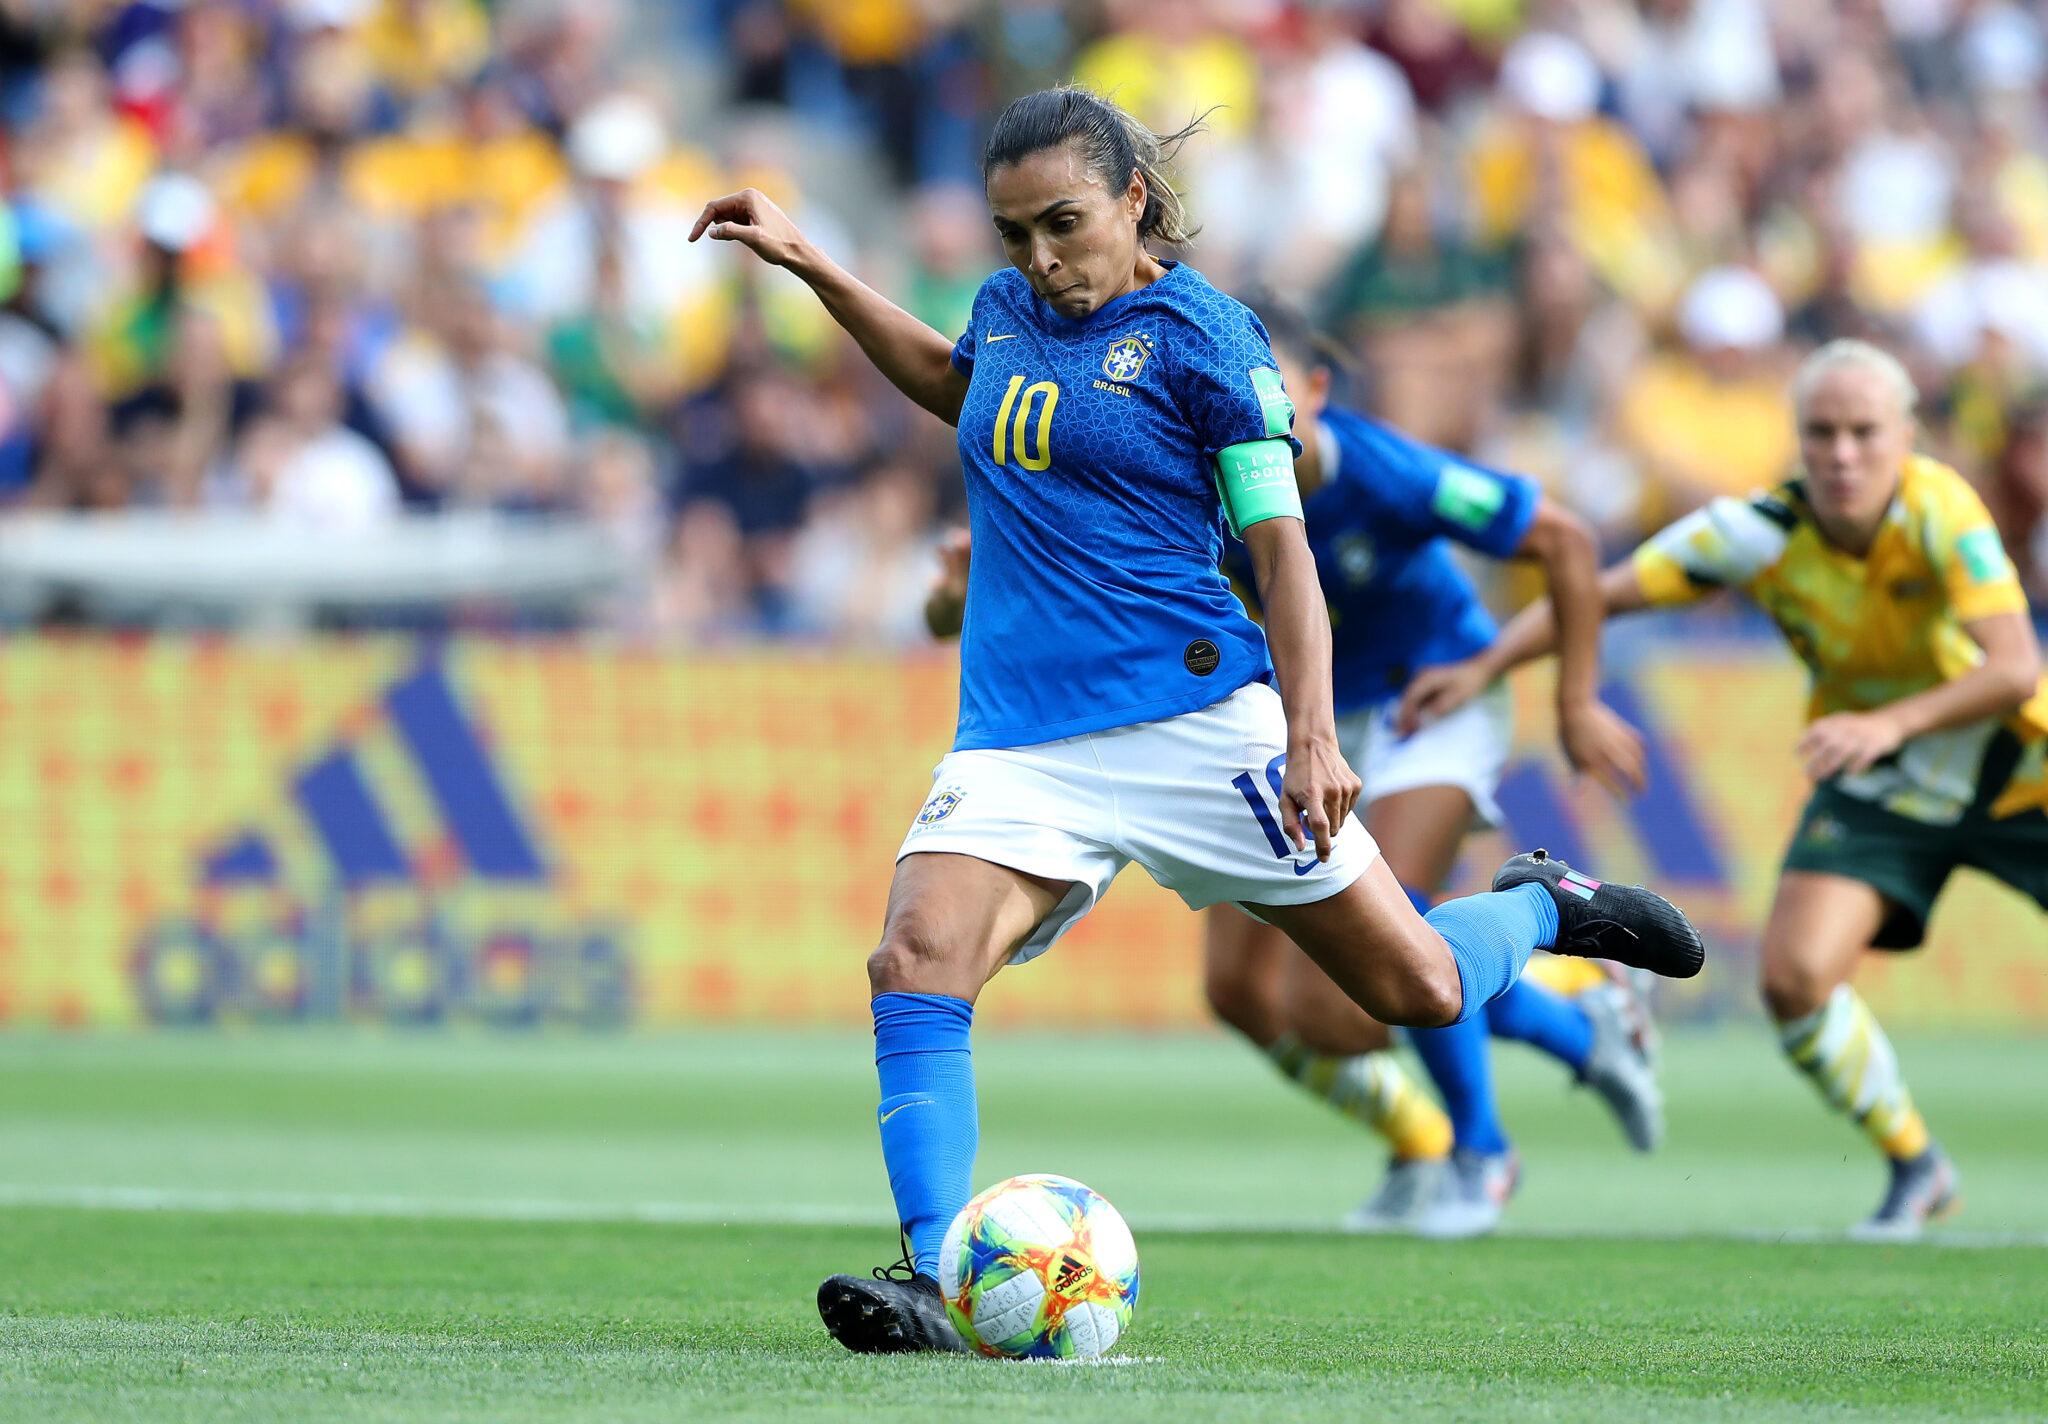 A história dos 17 gols da maior artilheira das Copas do Mundo: Marta